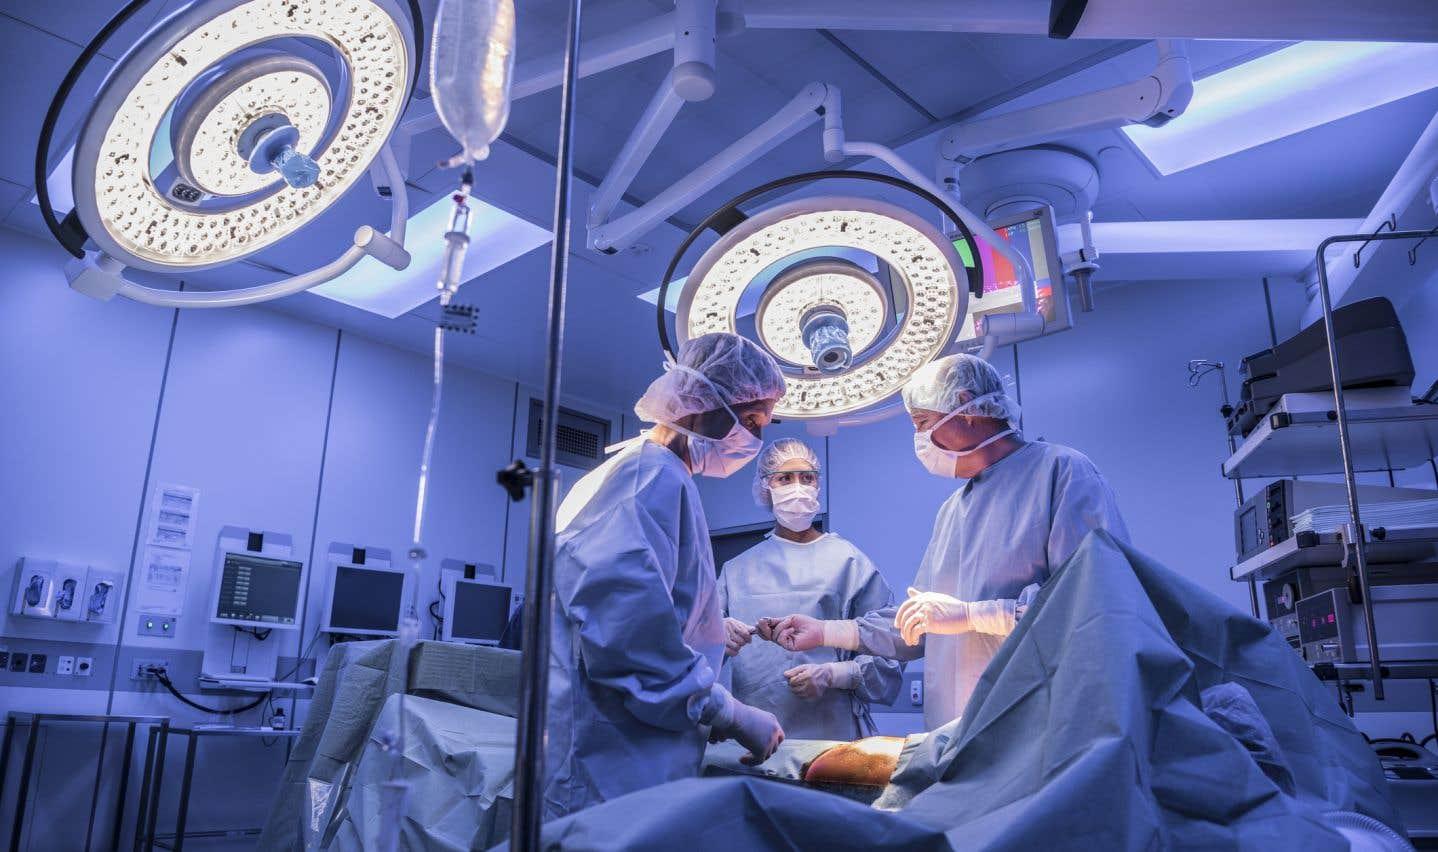 Selon les statistiques les plus récentes, 1013 patients seraient en attente pour une chirurgie cardiaque au Québec.